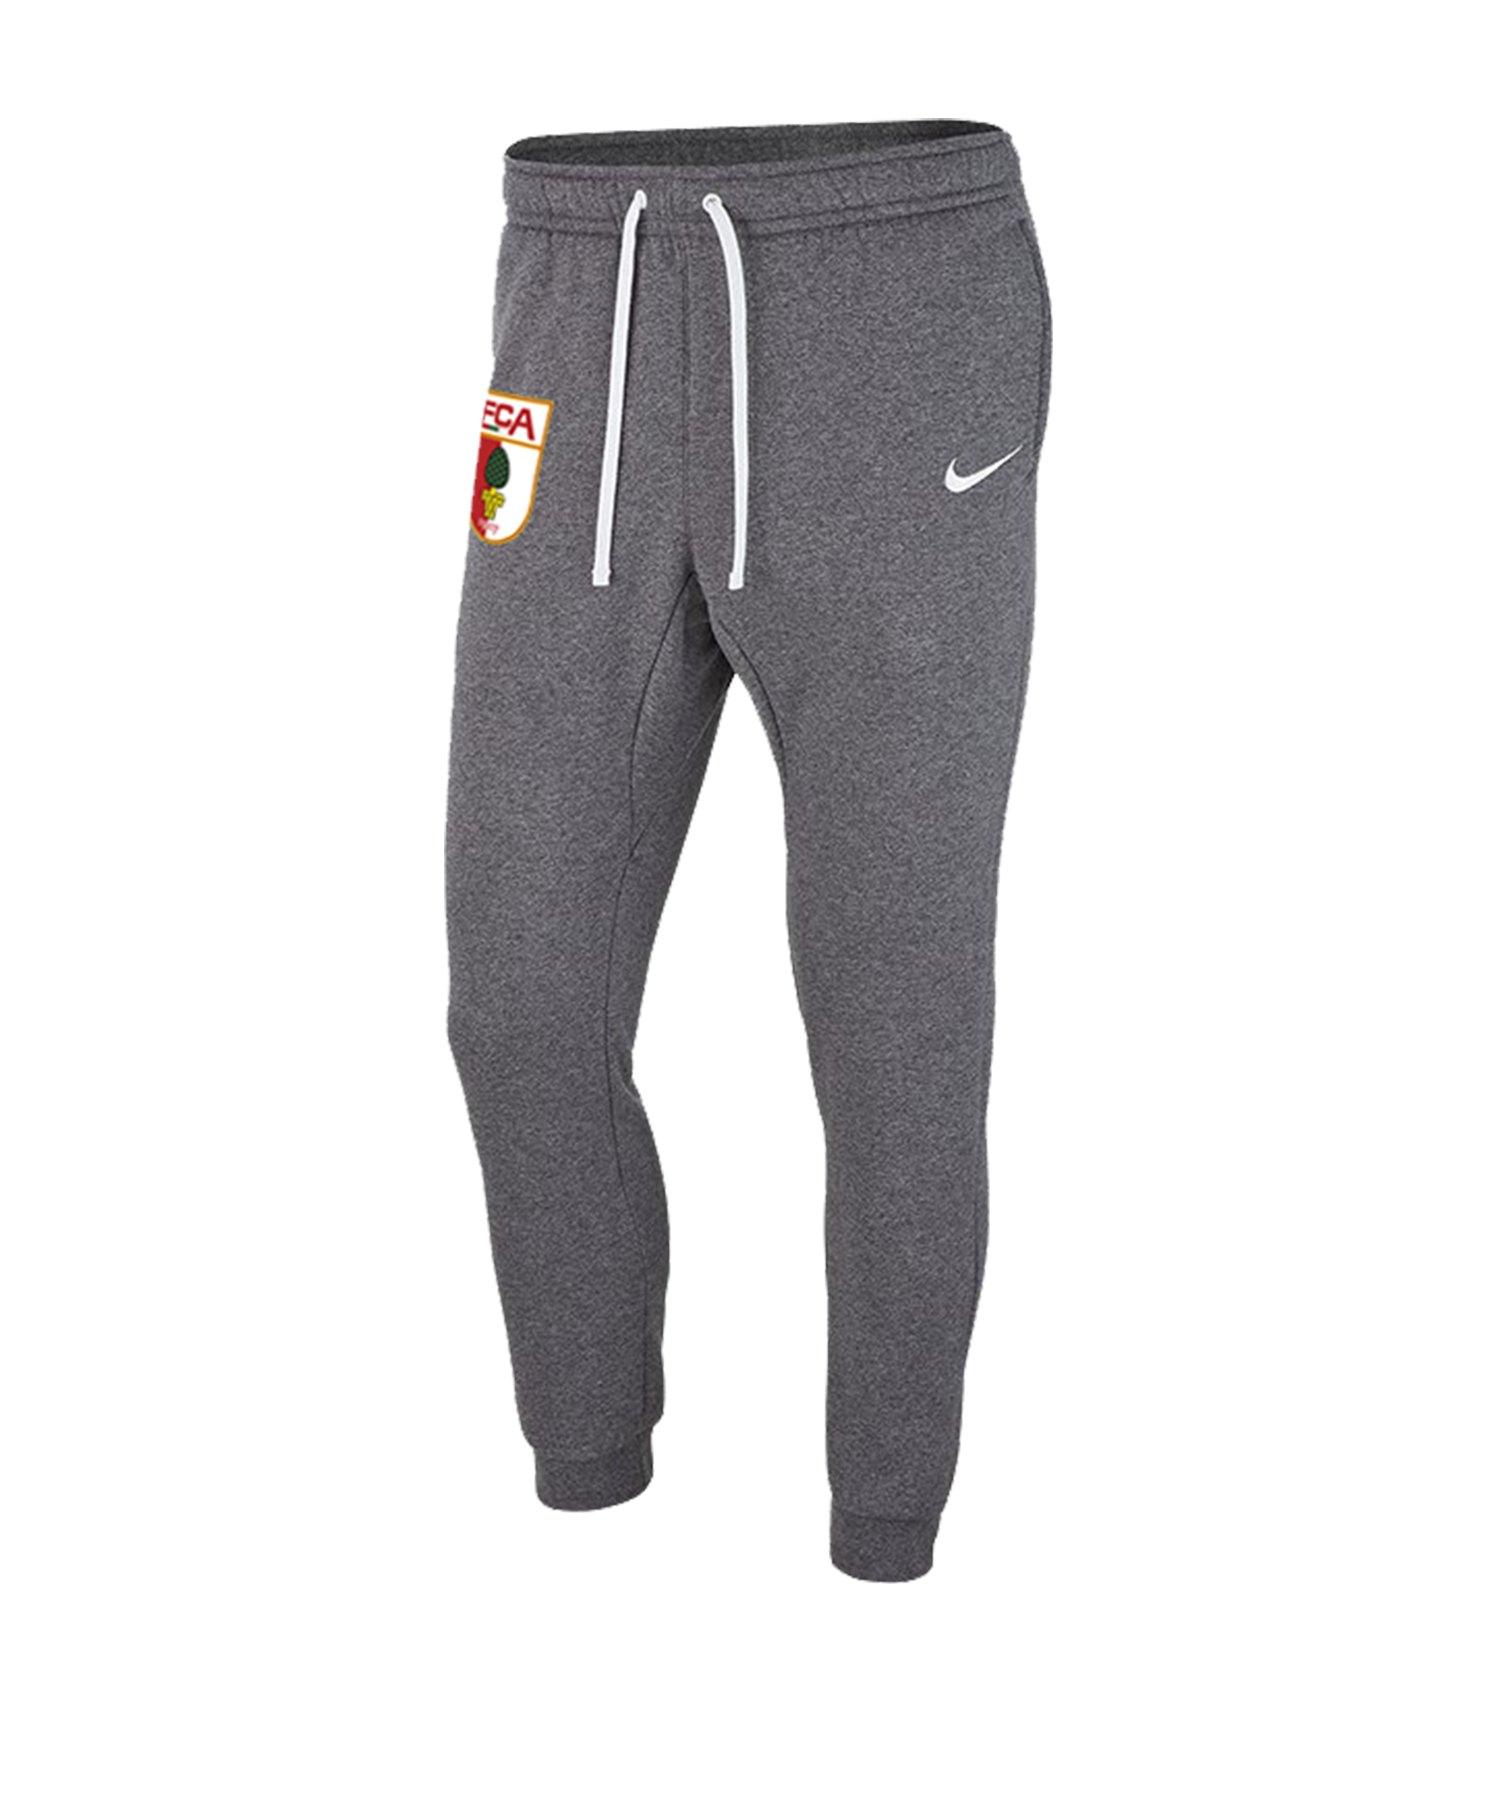 Nike FC Augsburg Jogginghose Kids Grau F071 - grau